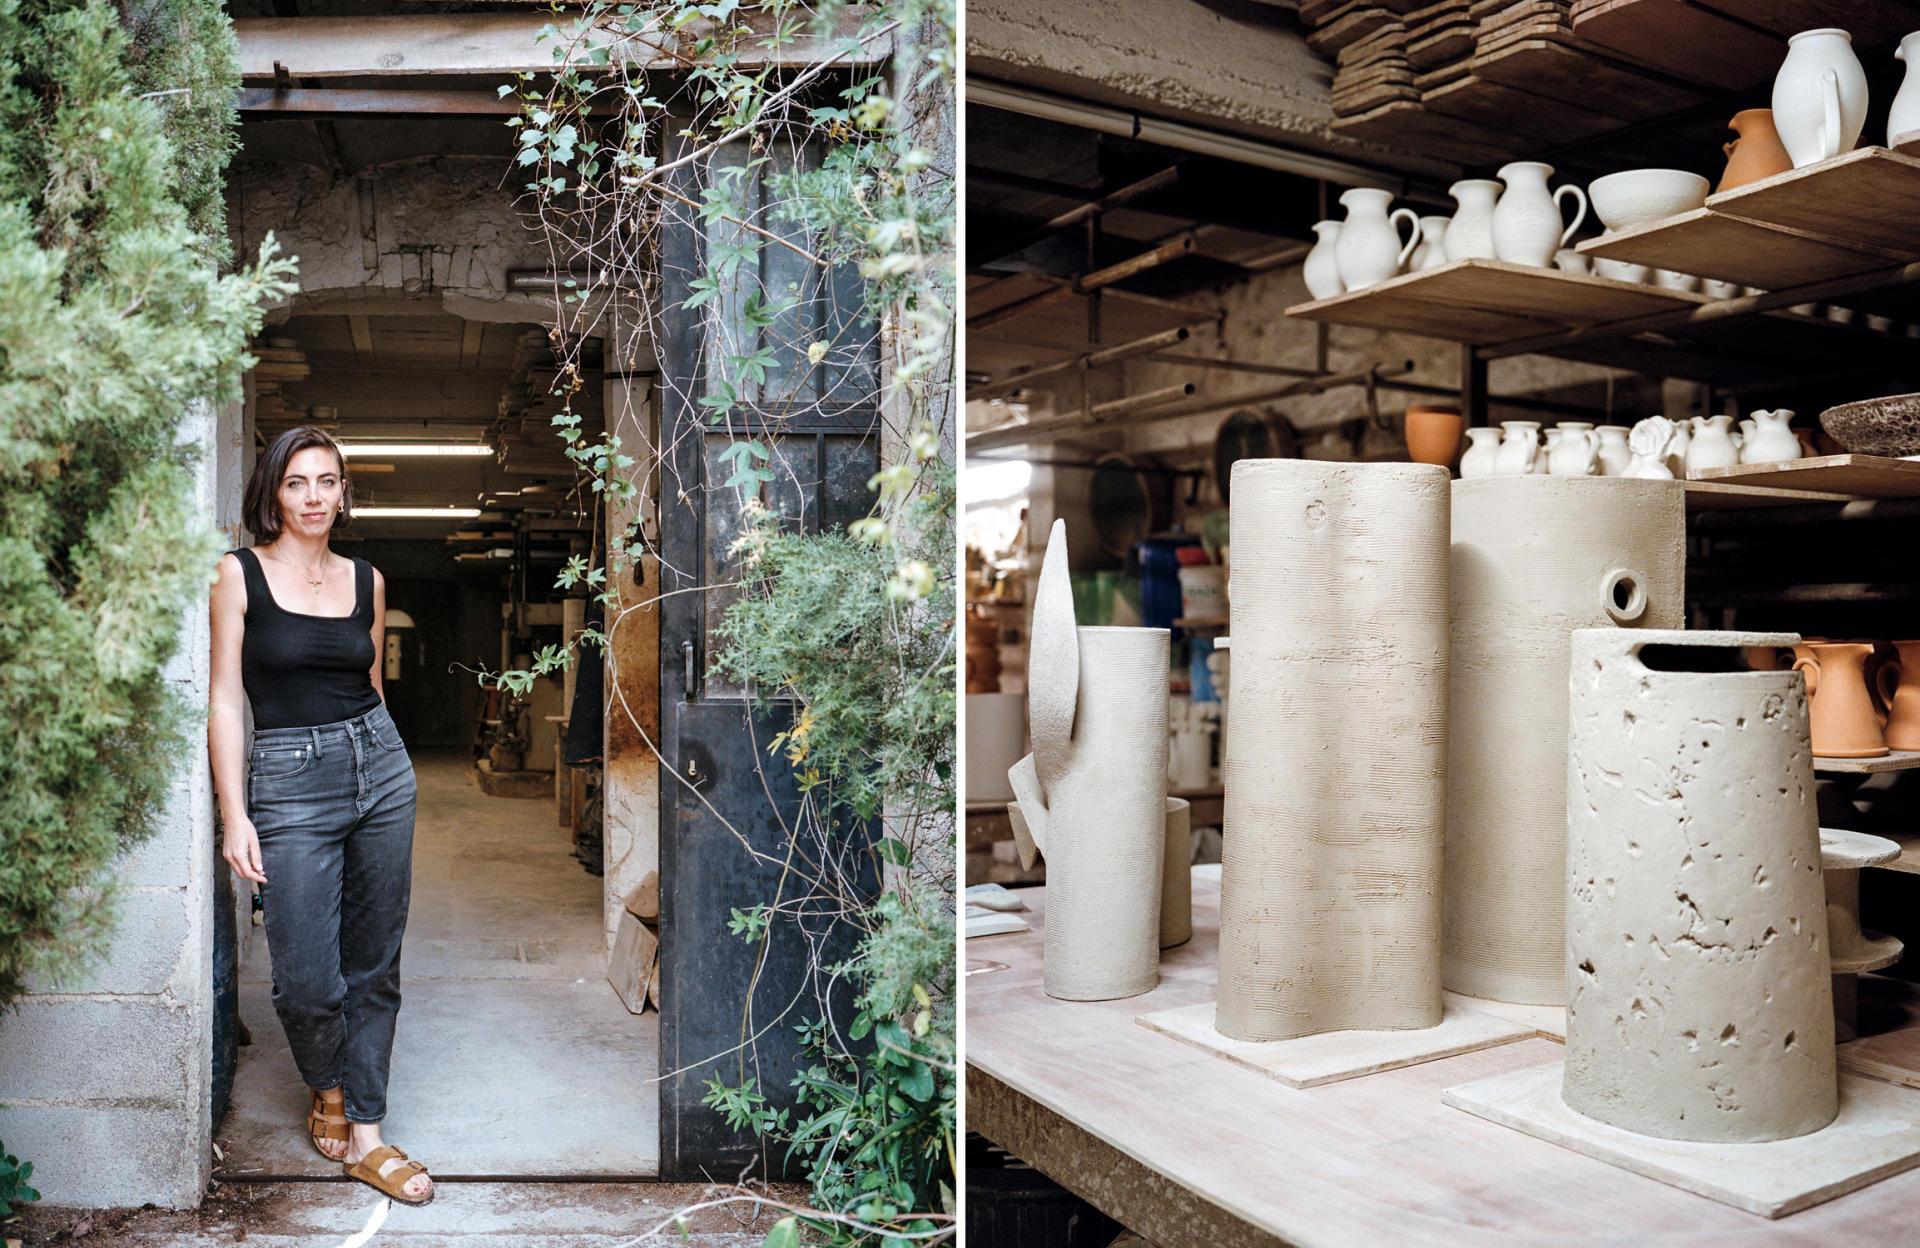 La céramiste Olivia Cognet dans l'atelier de Vallauris où elle a suivi sa résidence d'artiste, le 1erjuin. A droite, des lampes et des vases en faïence en train de sécher.